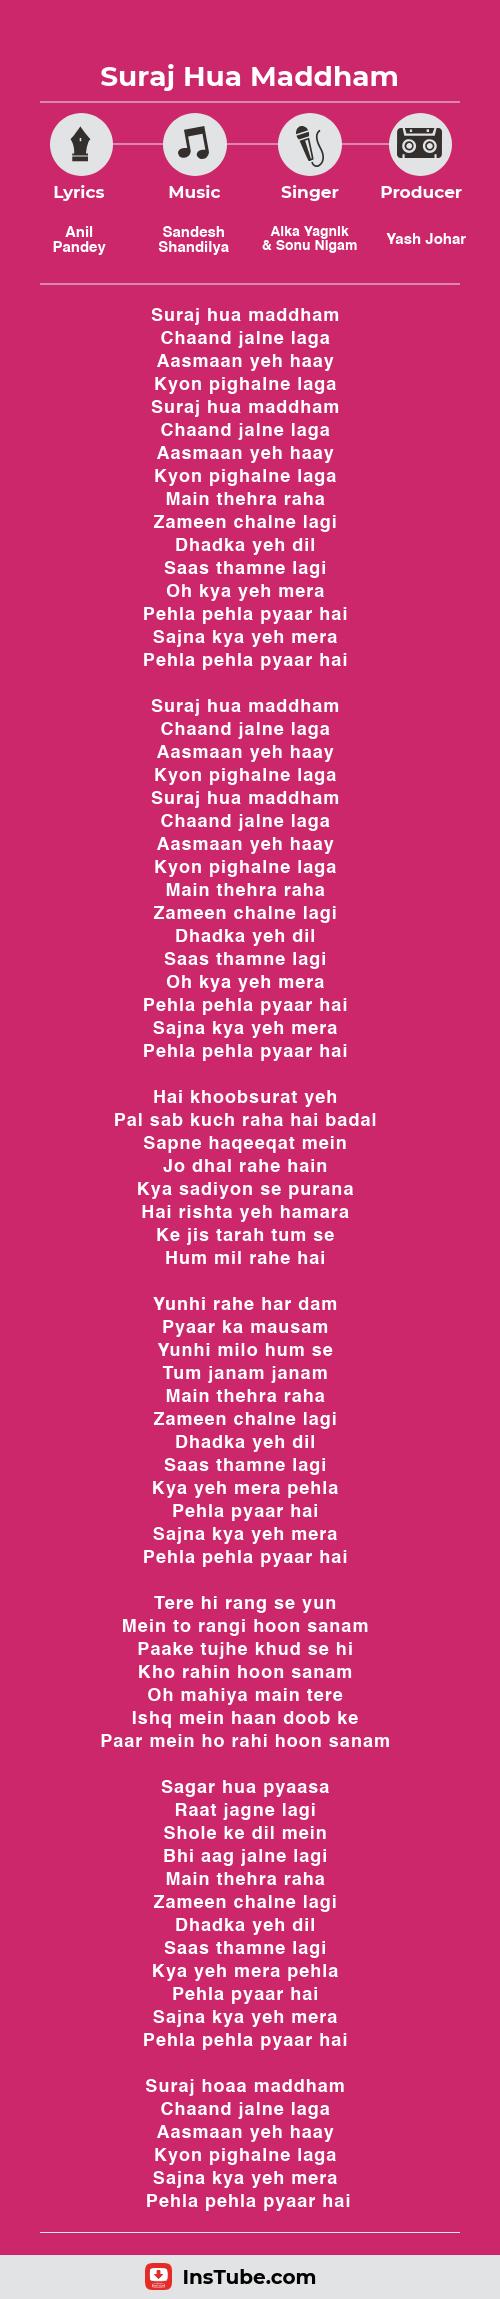 InsTube Kabhi Khushi Kabhi Gham… Suraj Hua Maddham lyrics